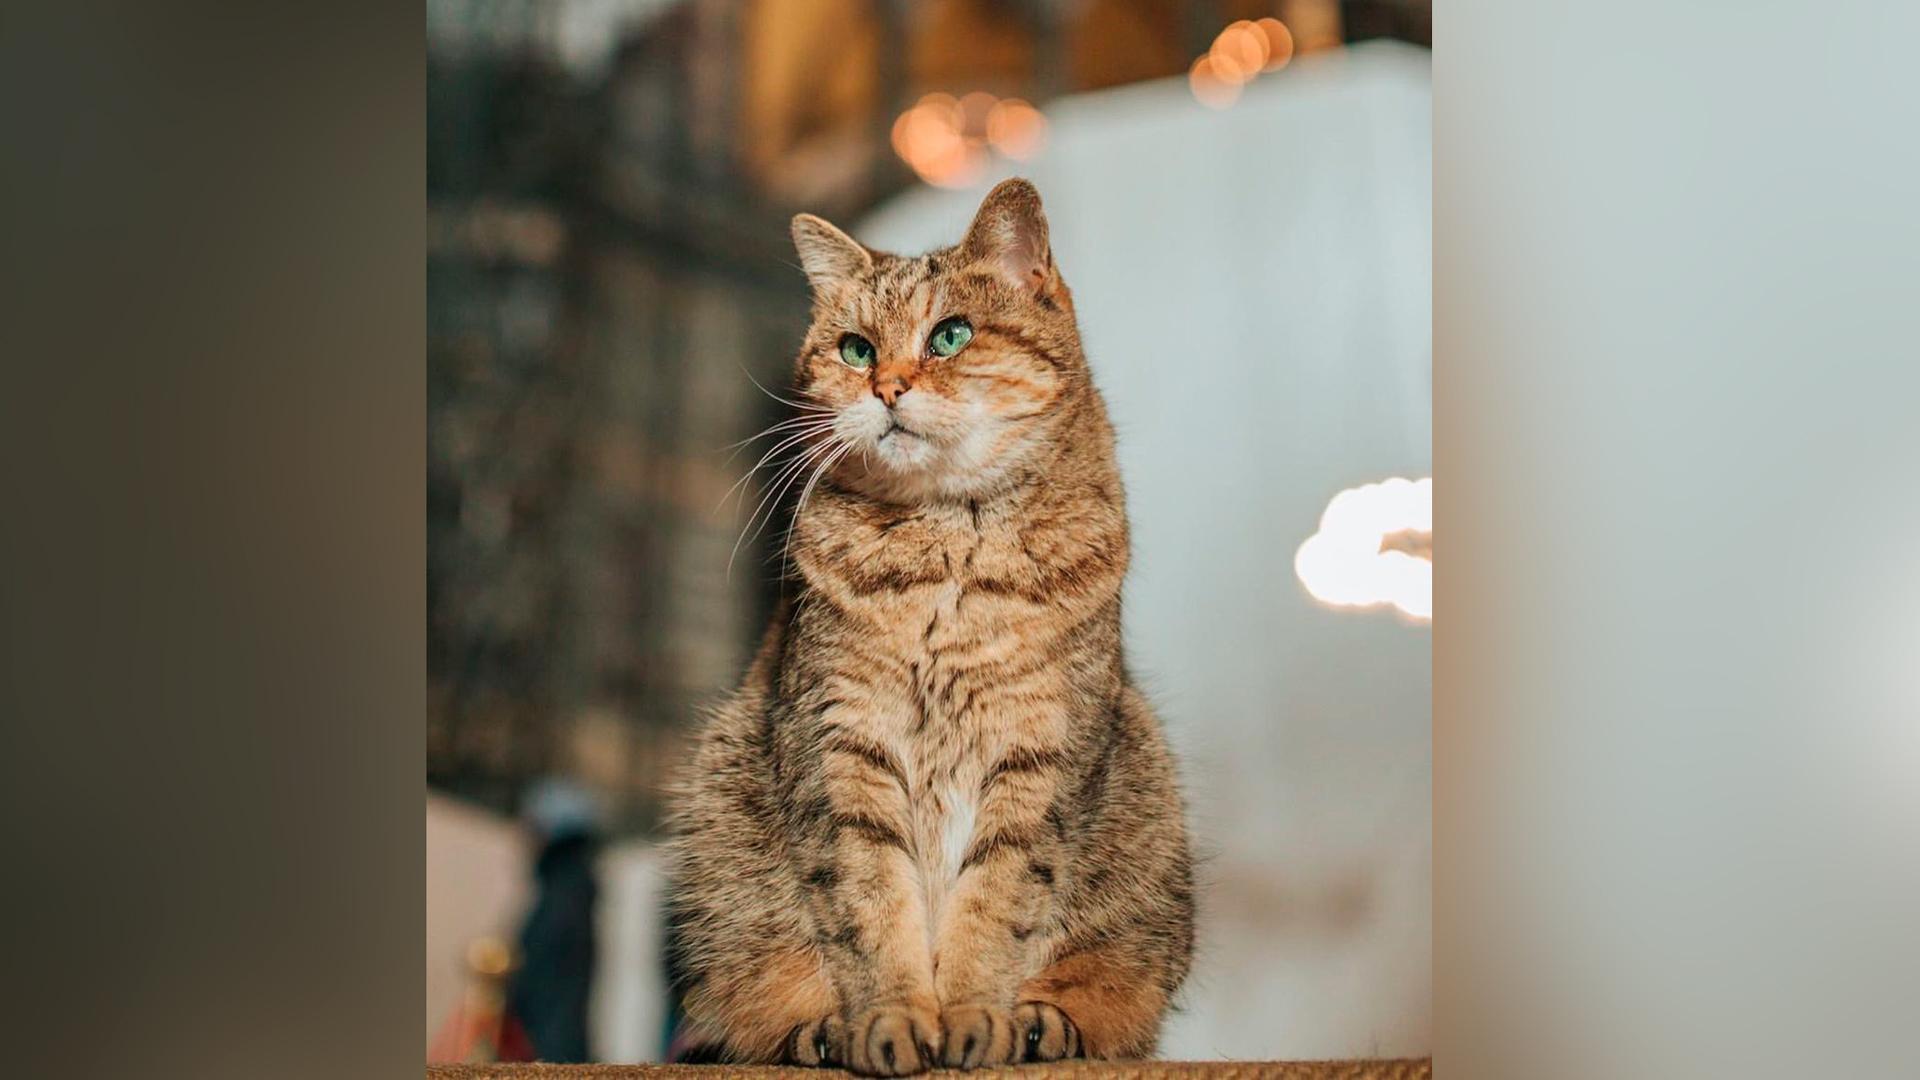 Кошку – жительницу собора Святой Софии пообещали не выгонять из-за смены статуса на мечеть